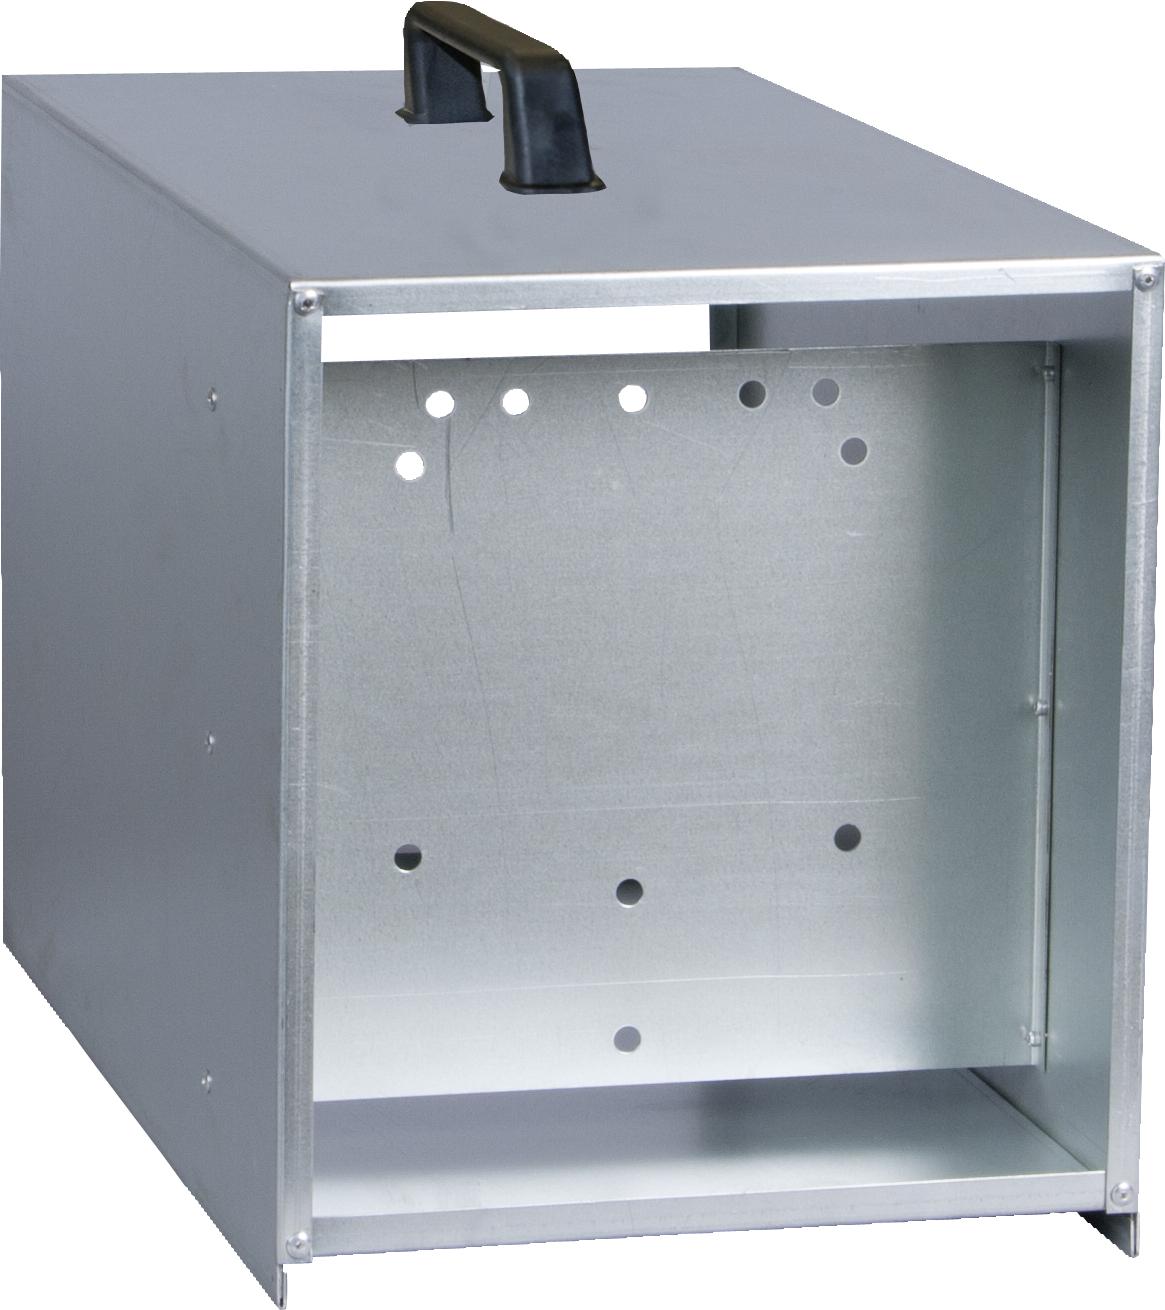 Tragebox für PATURA-Geräte